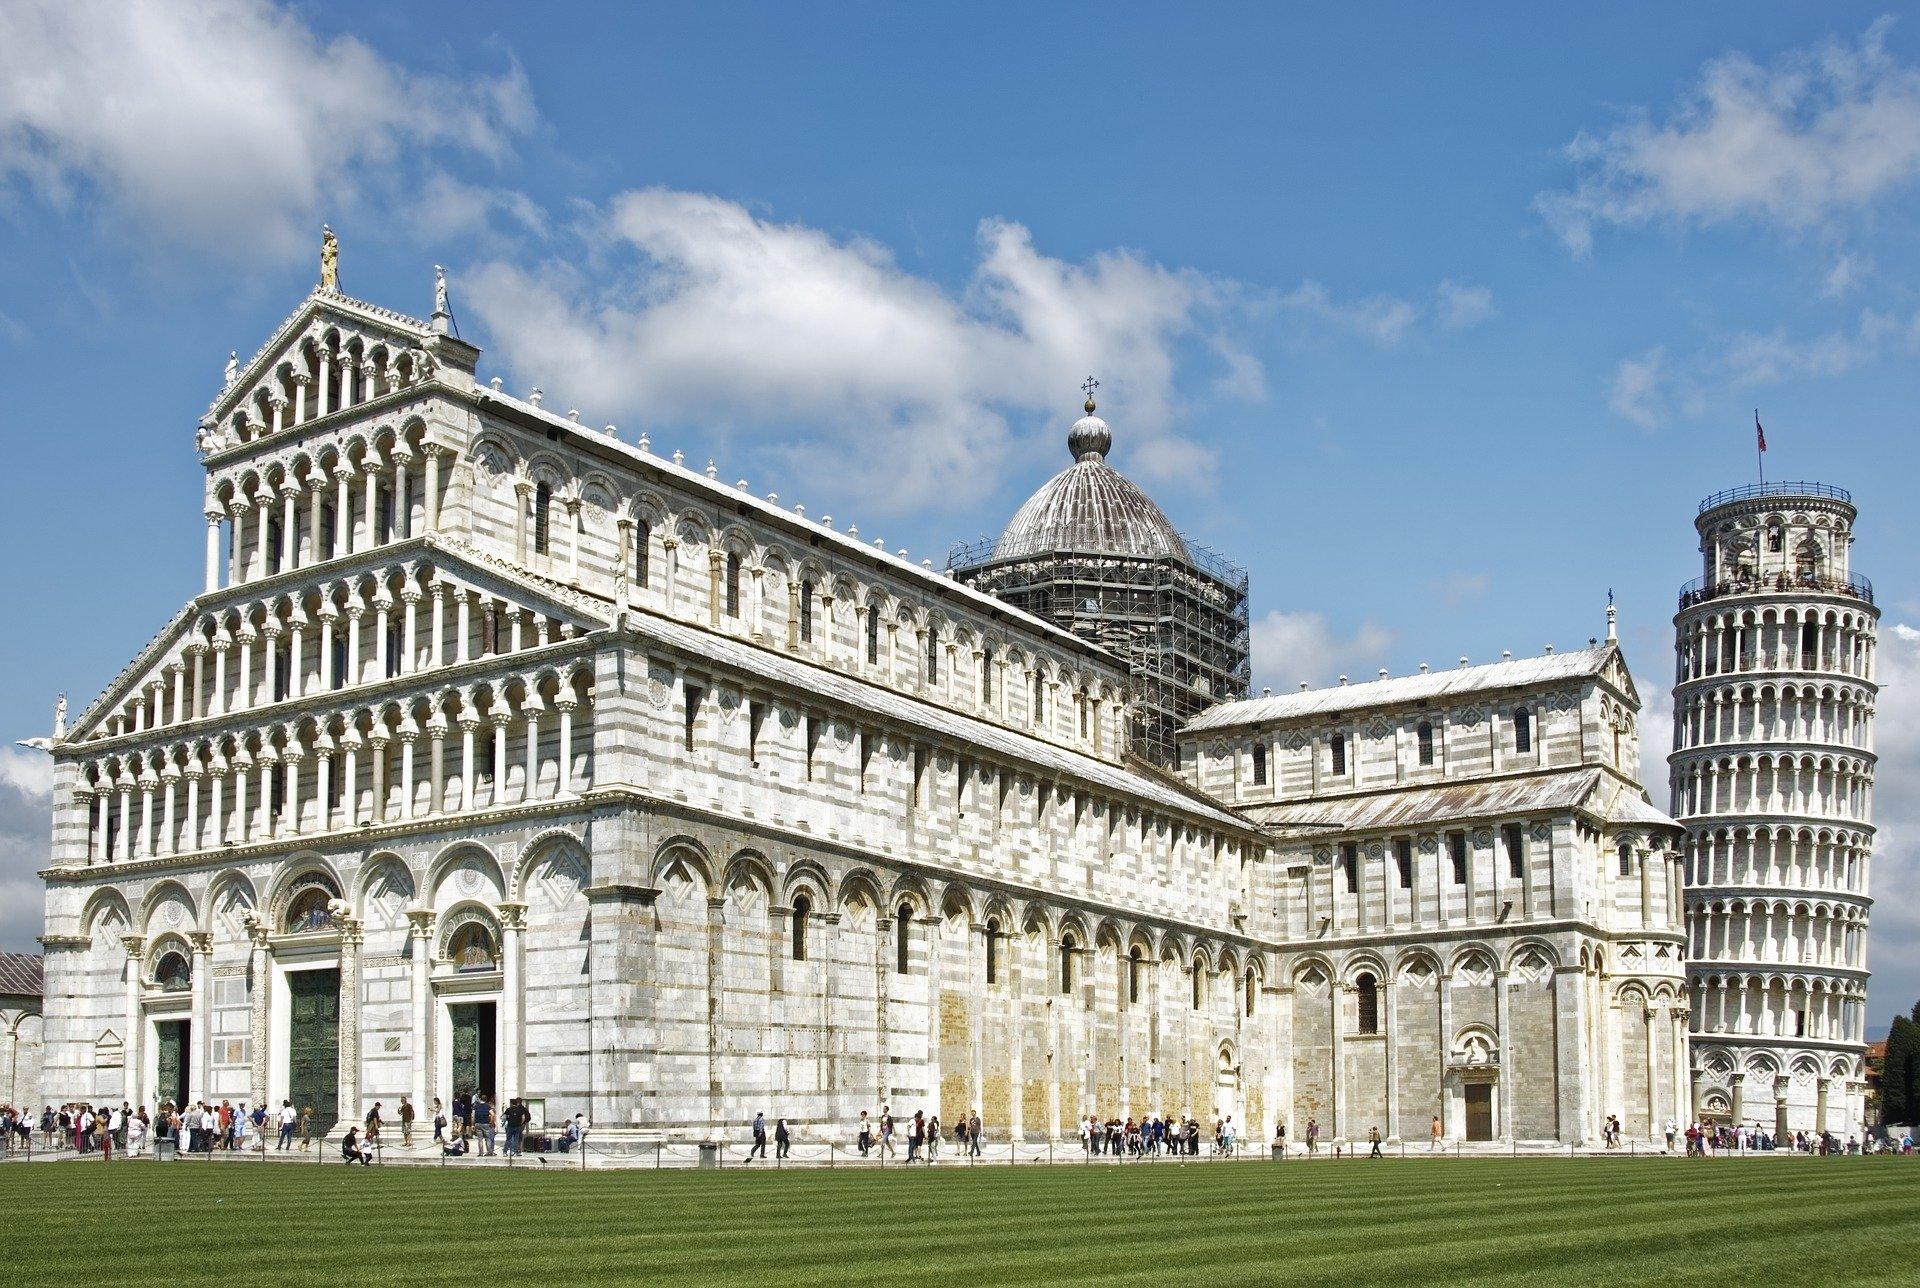 ゴシック建築とロマネスク建築の違い